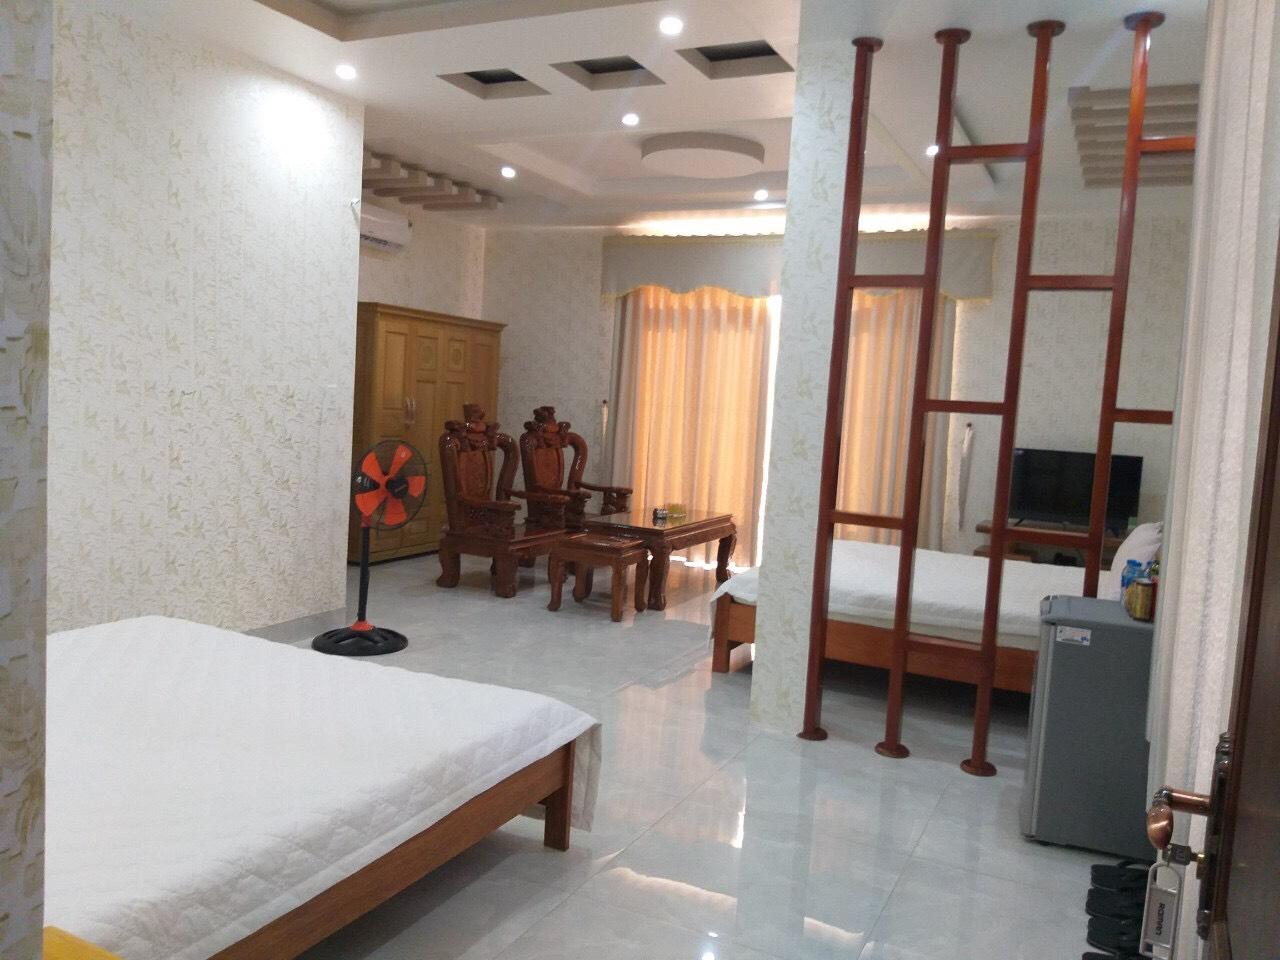 Dịch vụ khách sạn